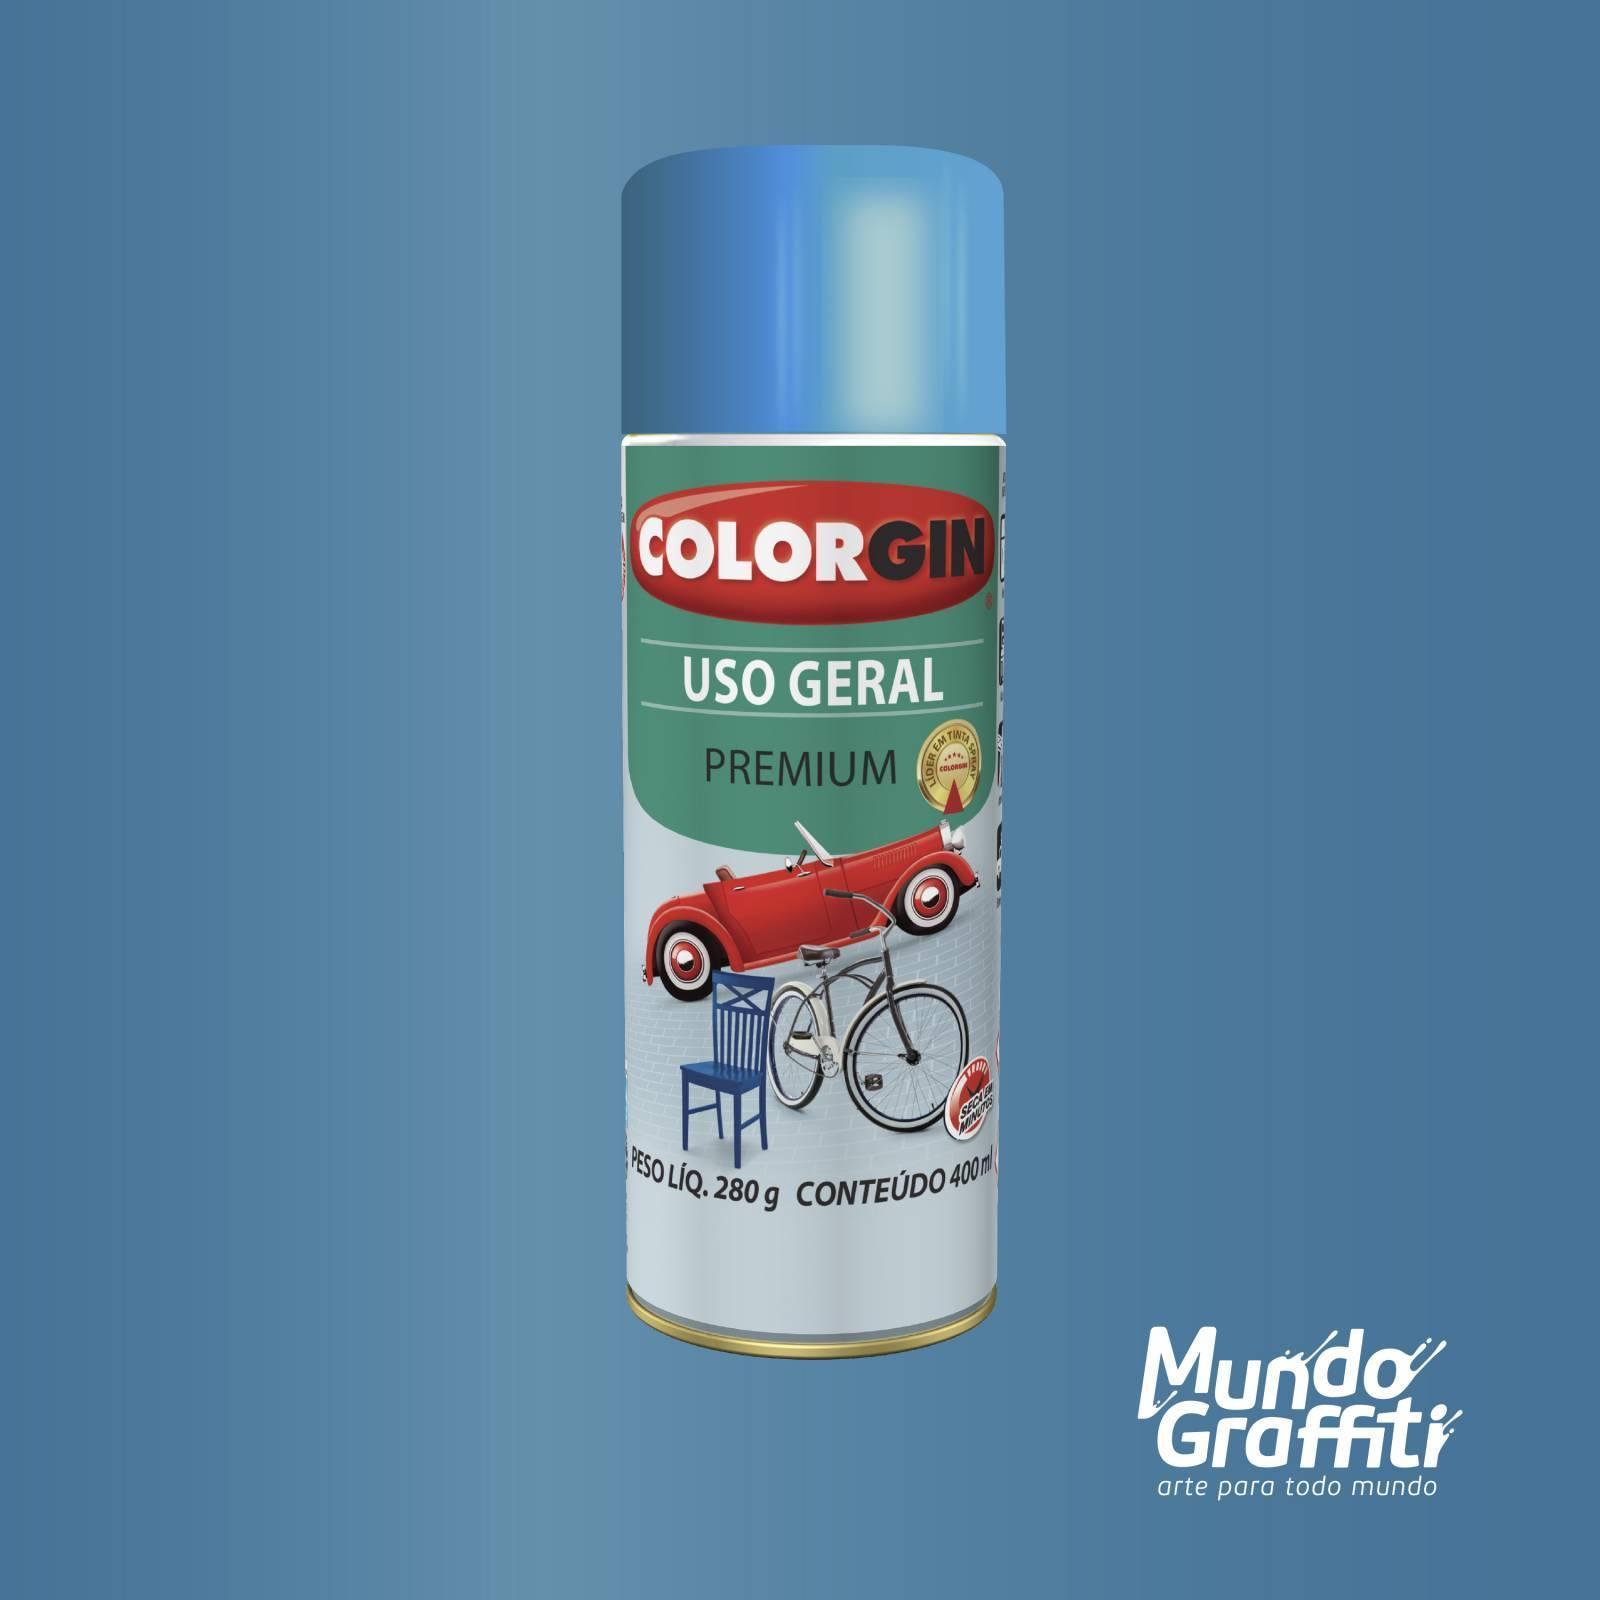 Tinta Spray Colorgin Uso Geral 57091 Azul Copacabana Metalic - Mundo Graffiti